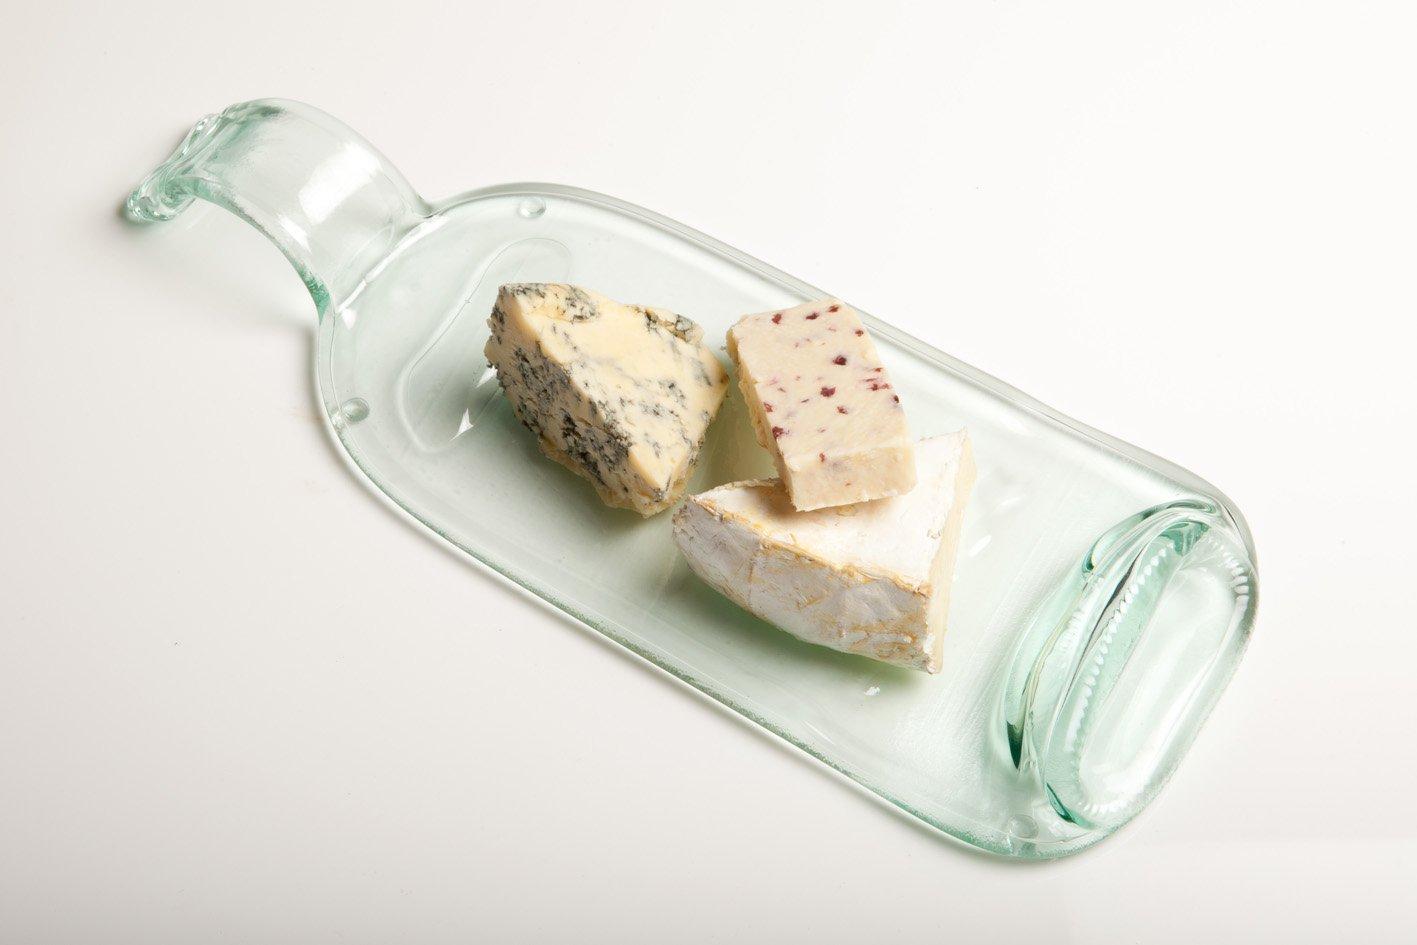 Vassoio per formaggio, riciclato trasparente (singola), in confezione regalo, a partire da bottiglie in vetro, fatto a mano Glass ReFORM